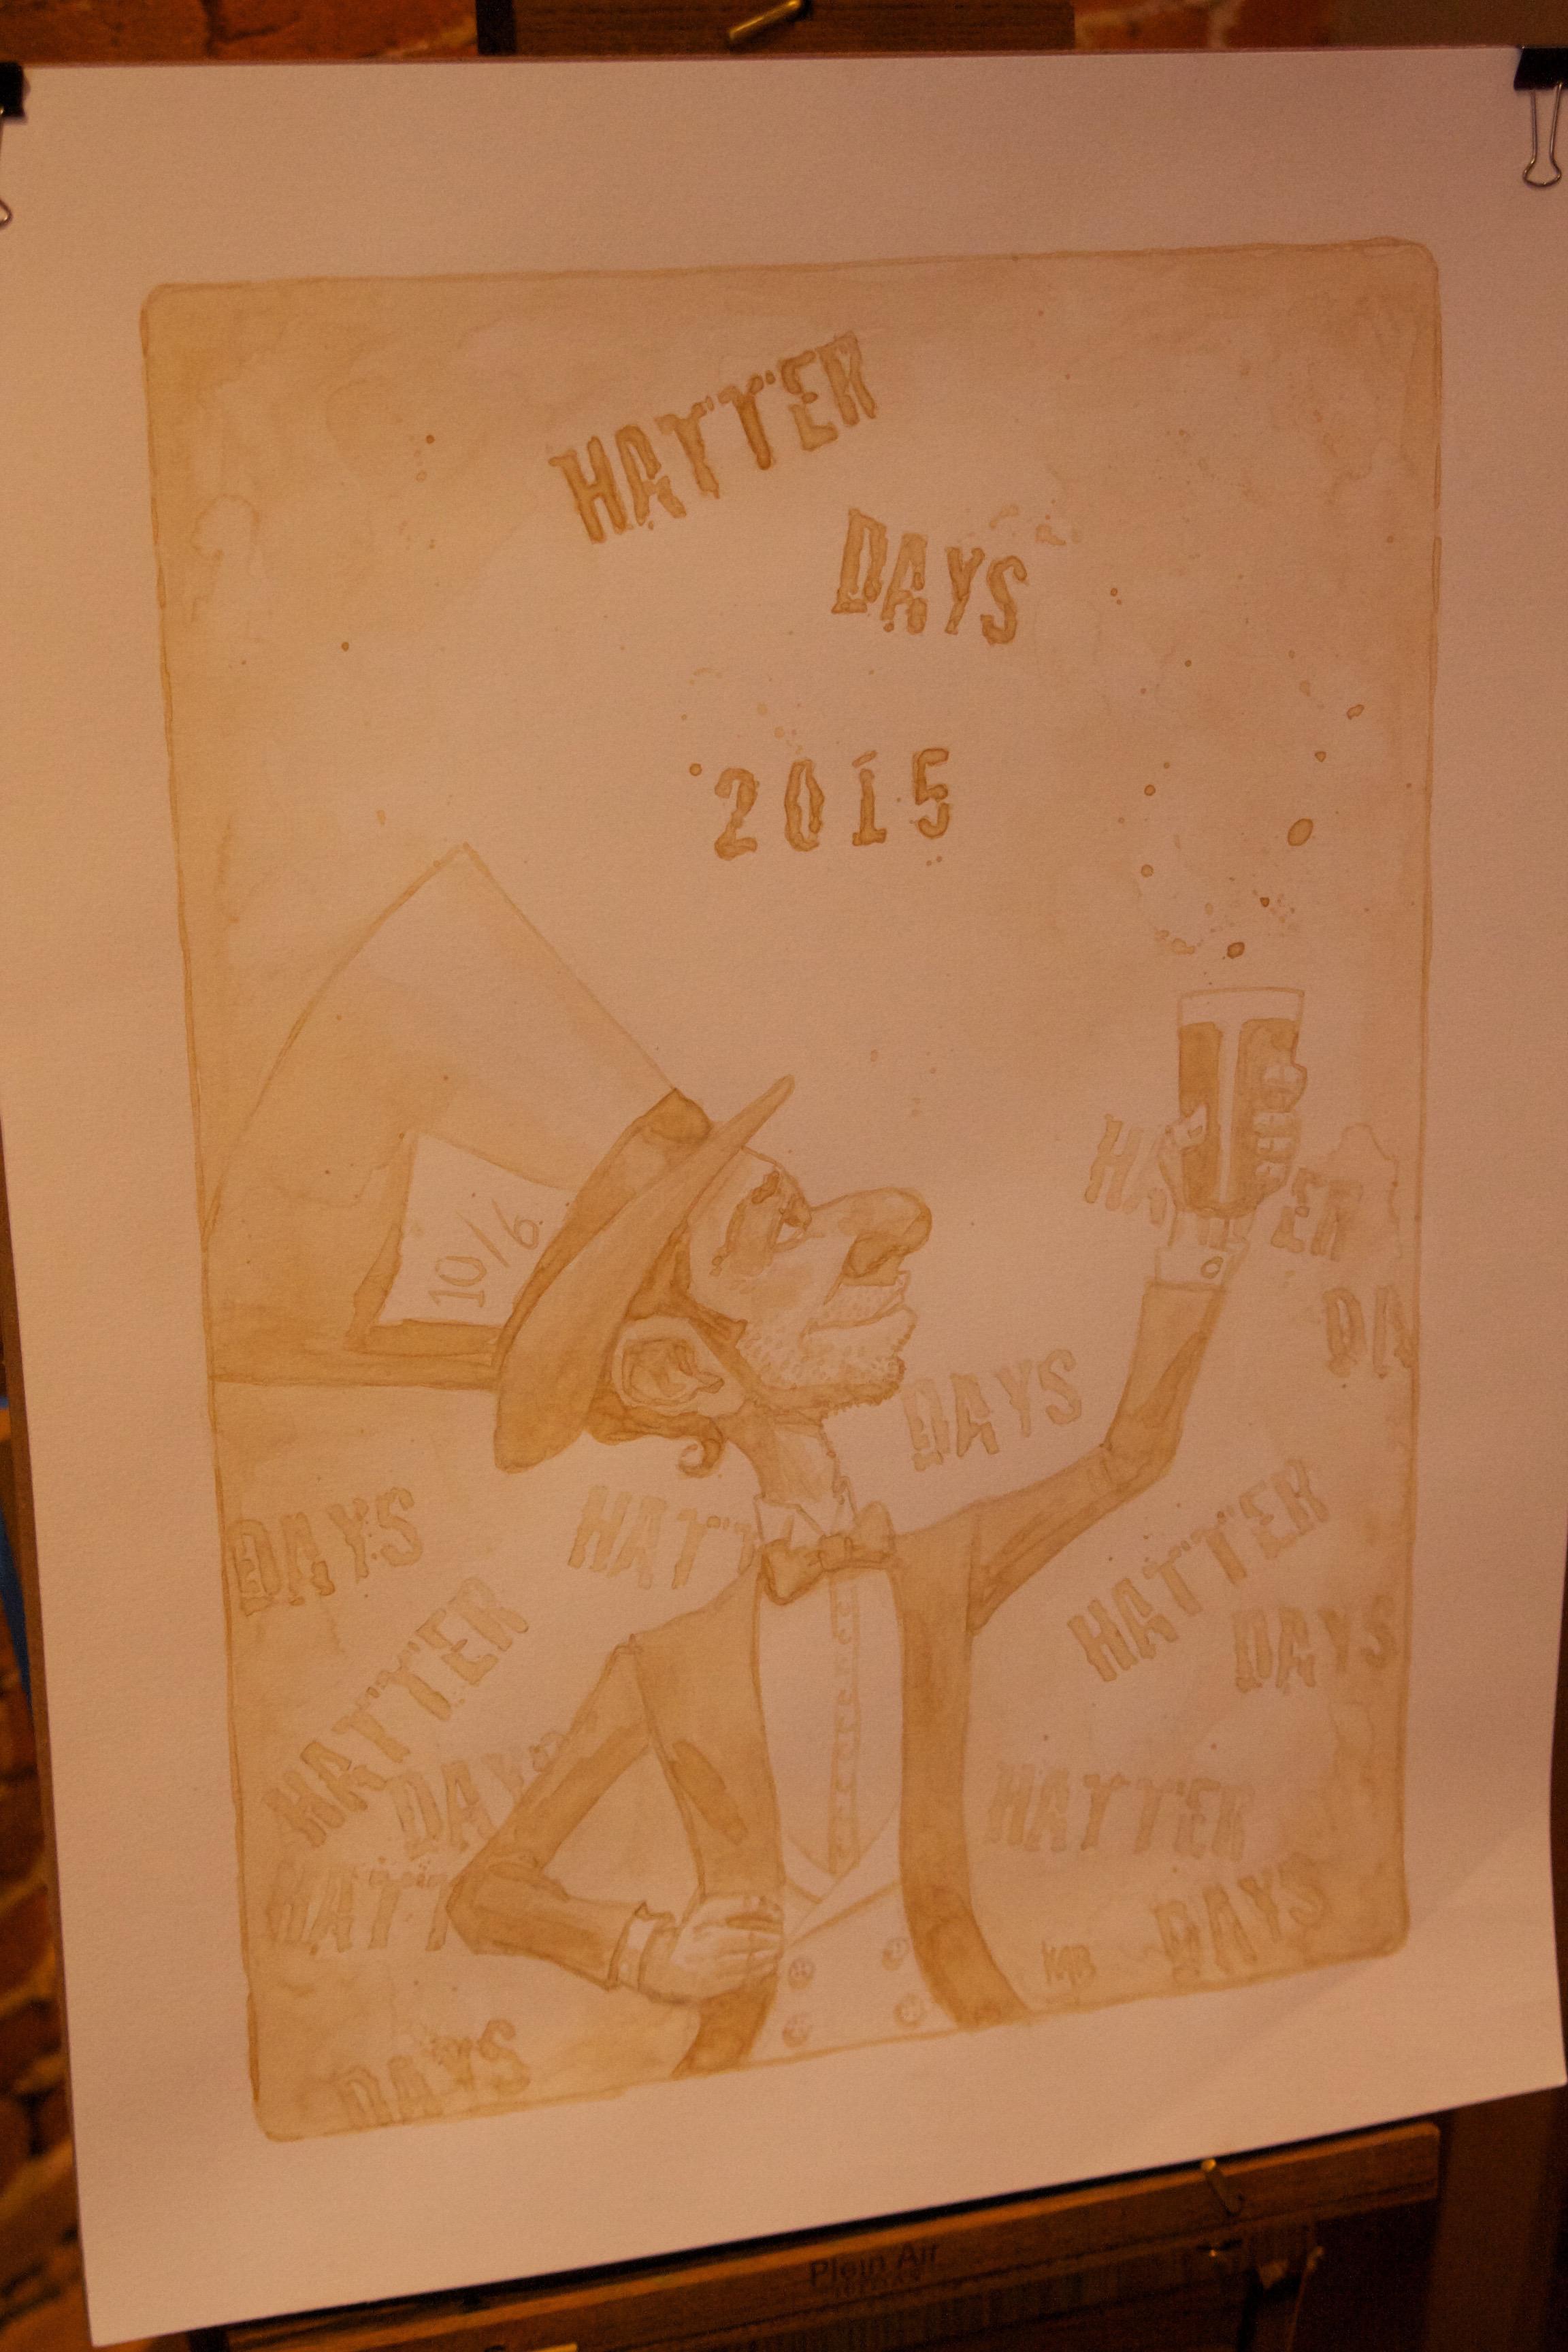 Hatter Days 3.1.jpg